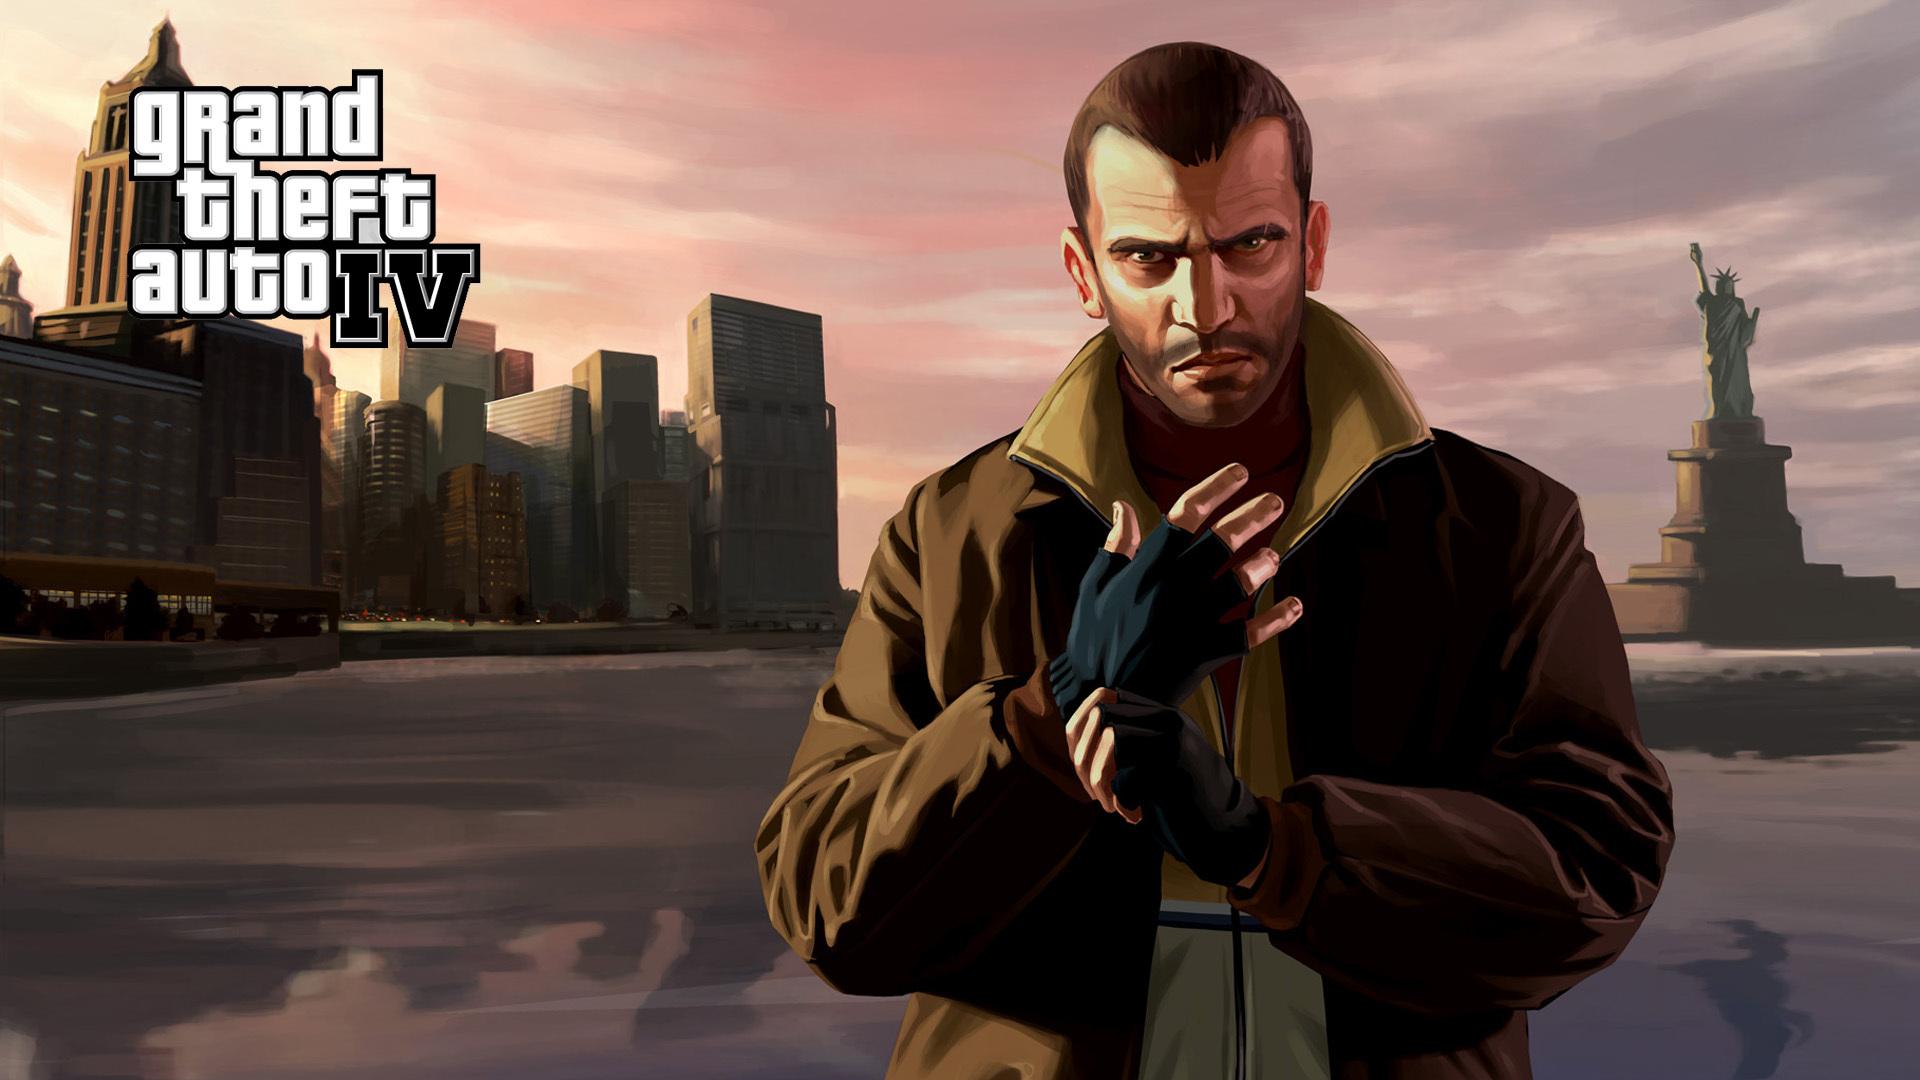 Постер Grand Theft Auto IV